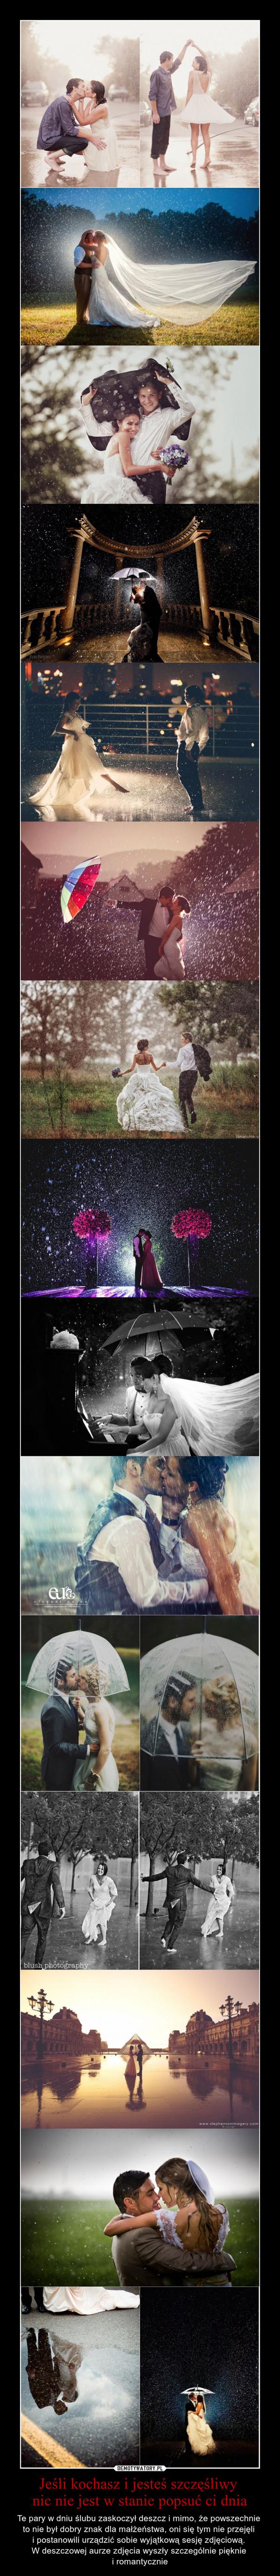 Jeśli kochasz i jesteś szczęśliwy nic nie jest w stanie popsuć ci dnia – Te pary w dniu ślubu zaskoczył deszcz i mimo, że powszechnie to nie był dobry znak dla małżeństwa, oni się tym nie przejęli i postanowili urządzić sobie wyjątkową sesję zdjęciową. W deszczowej aurze zdjęcia wyszły szczególnie pięknie i romantycznie